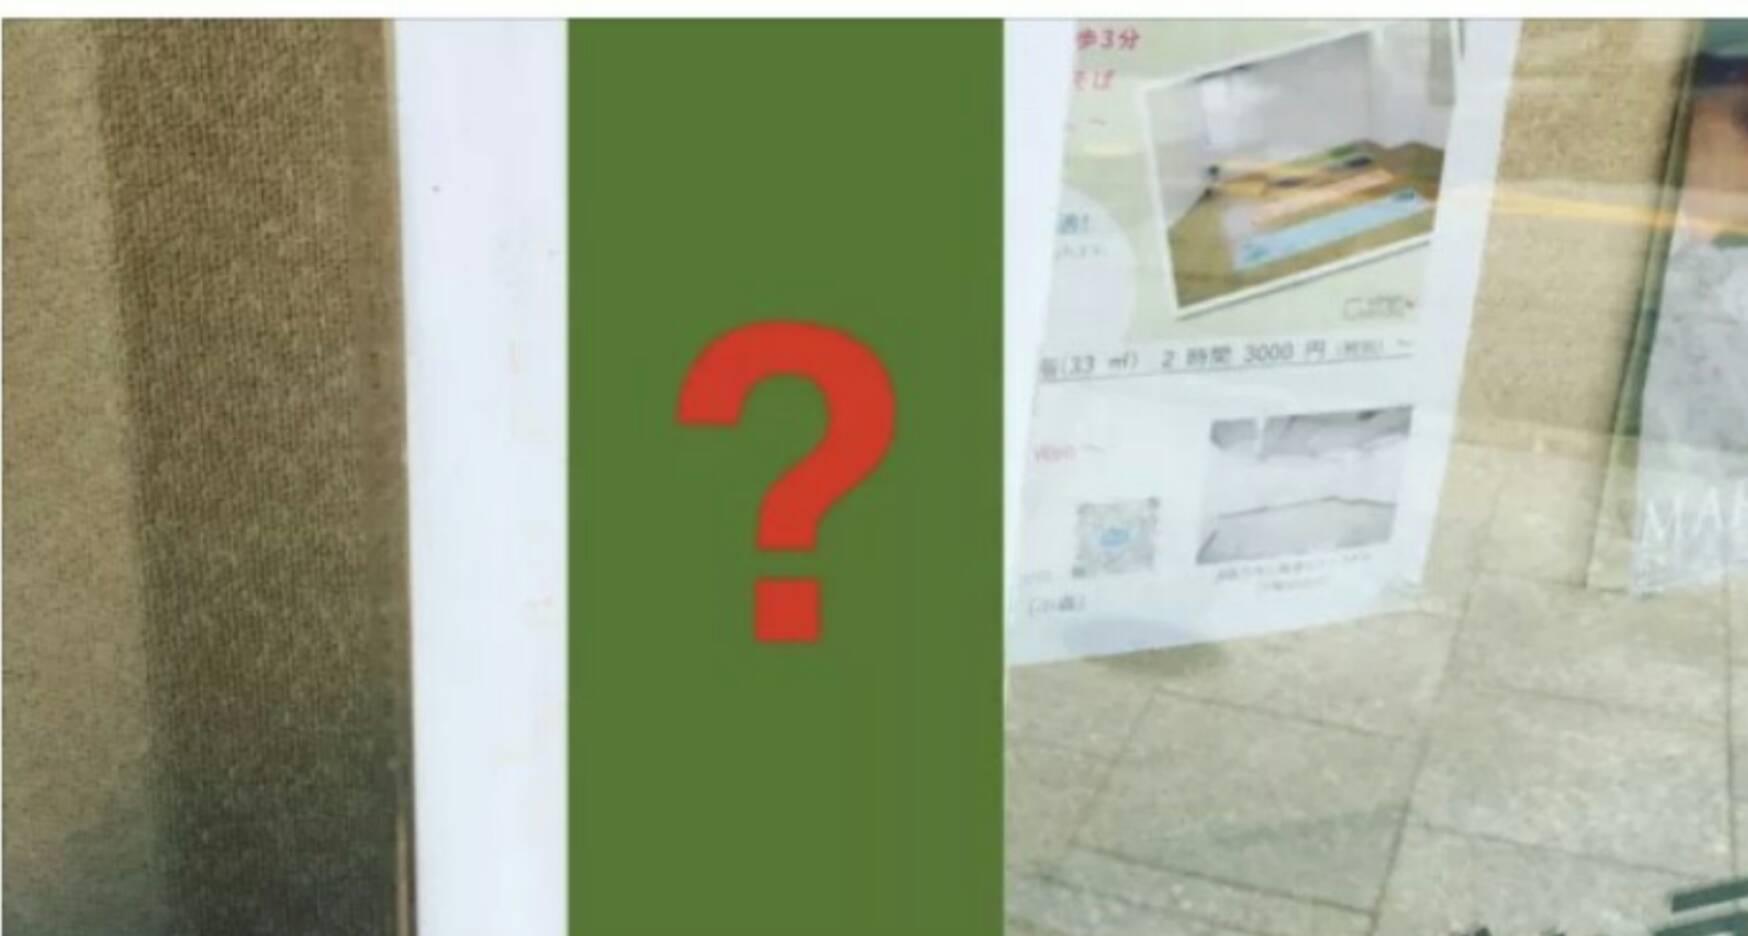 """【爆笑】京都にある""""駐輪禁止""""の書き方がネットで話題に!「天才か」「容赦ねえ」一体誰が考えたんだこれは。。。"""